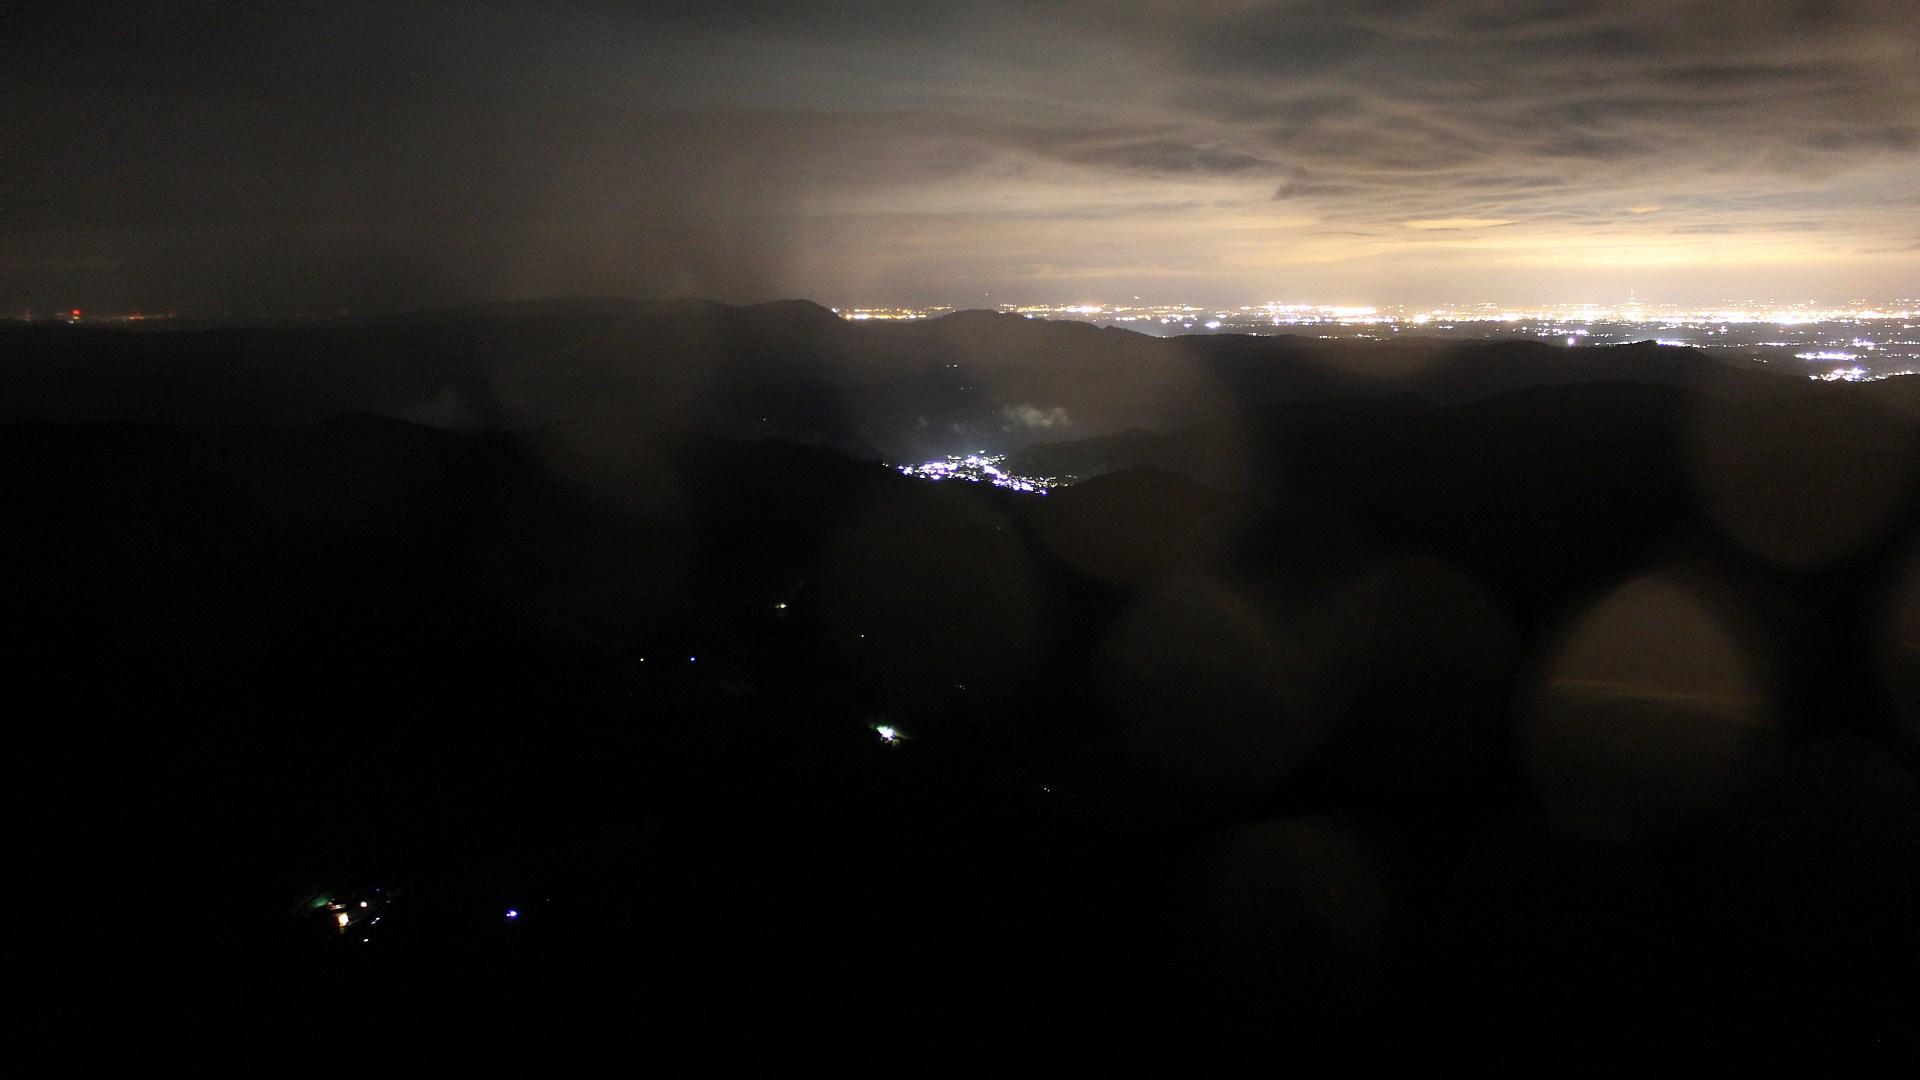 Aufnahme: Buchkopfturm vom 02.08.2021 01:30